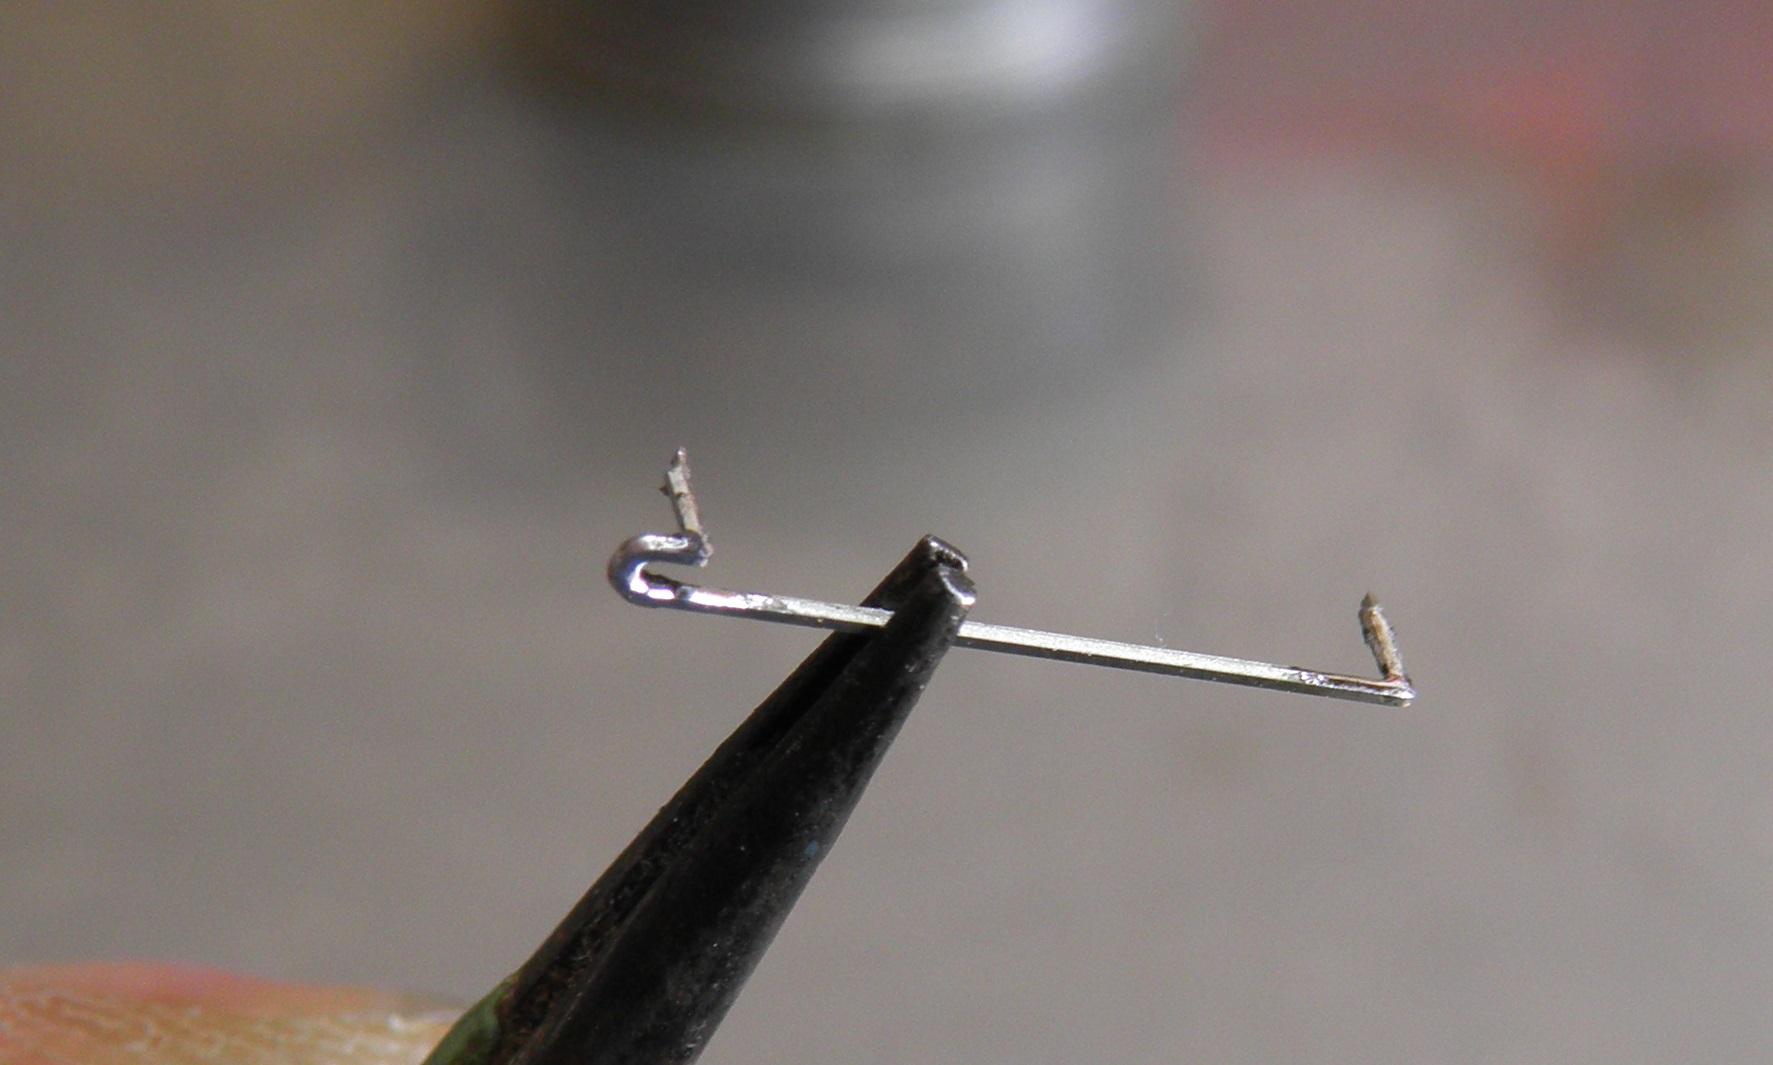 pliage des 2 pointes (demi gravure de pliage vers l'interieur ) puis une pointe d'etain dans les angles (idem etamage) ................